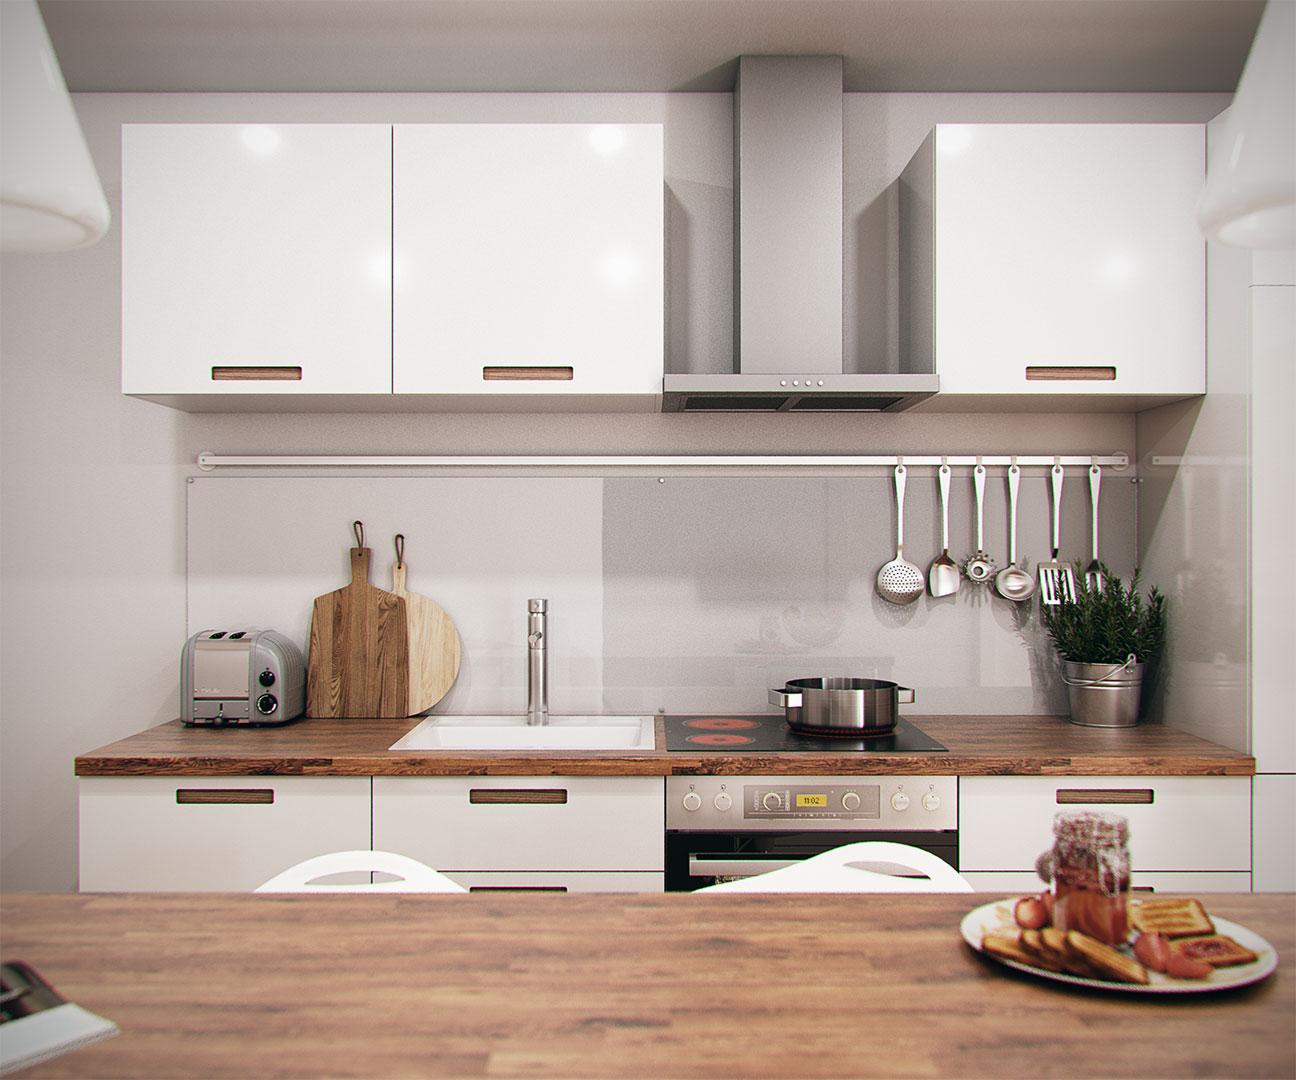 Proyectos de dise o 3d alvaro cappa m laga madrid - Diseno interiores cocinas ...